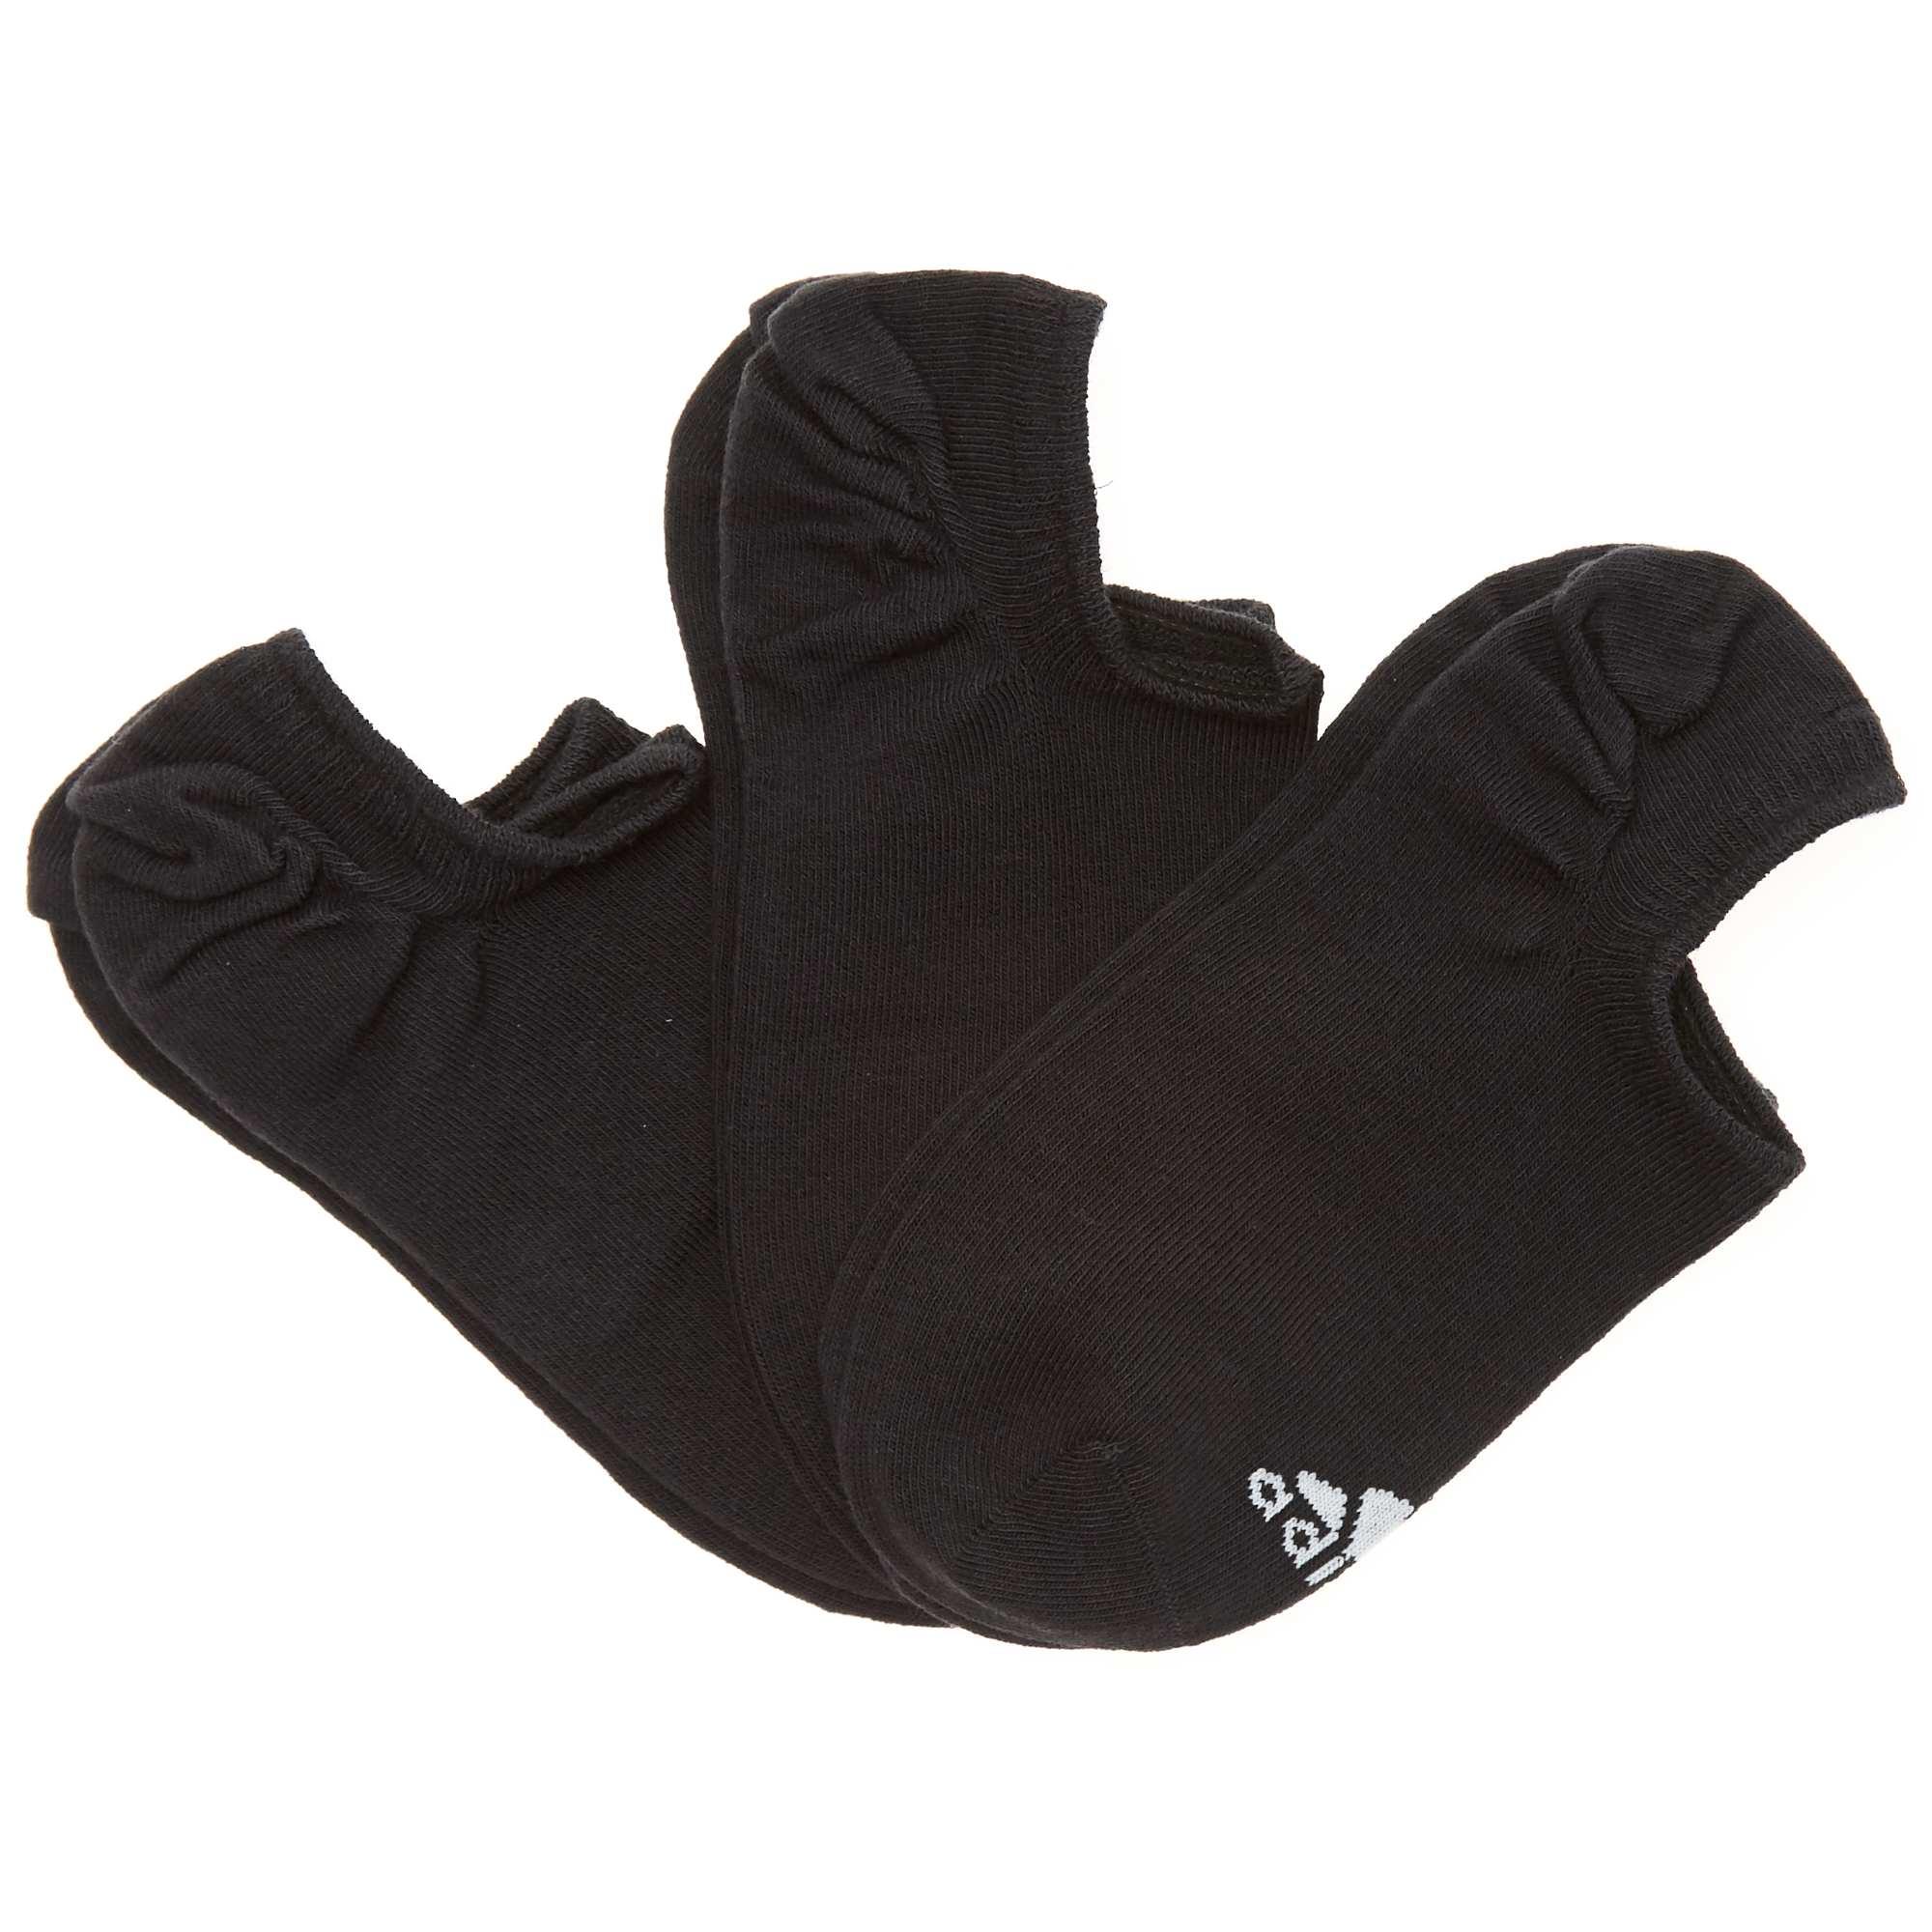 1e7457470490b Lot de 3 paires de chaussettes  Adidas  Homme - noir - Kiabi - 10